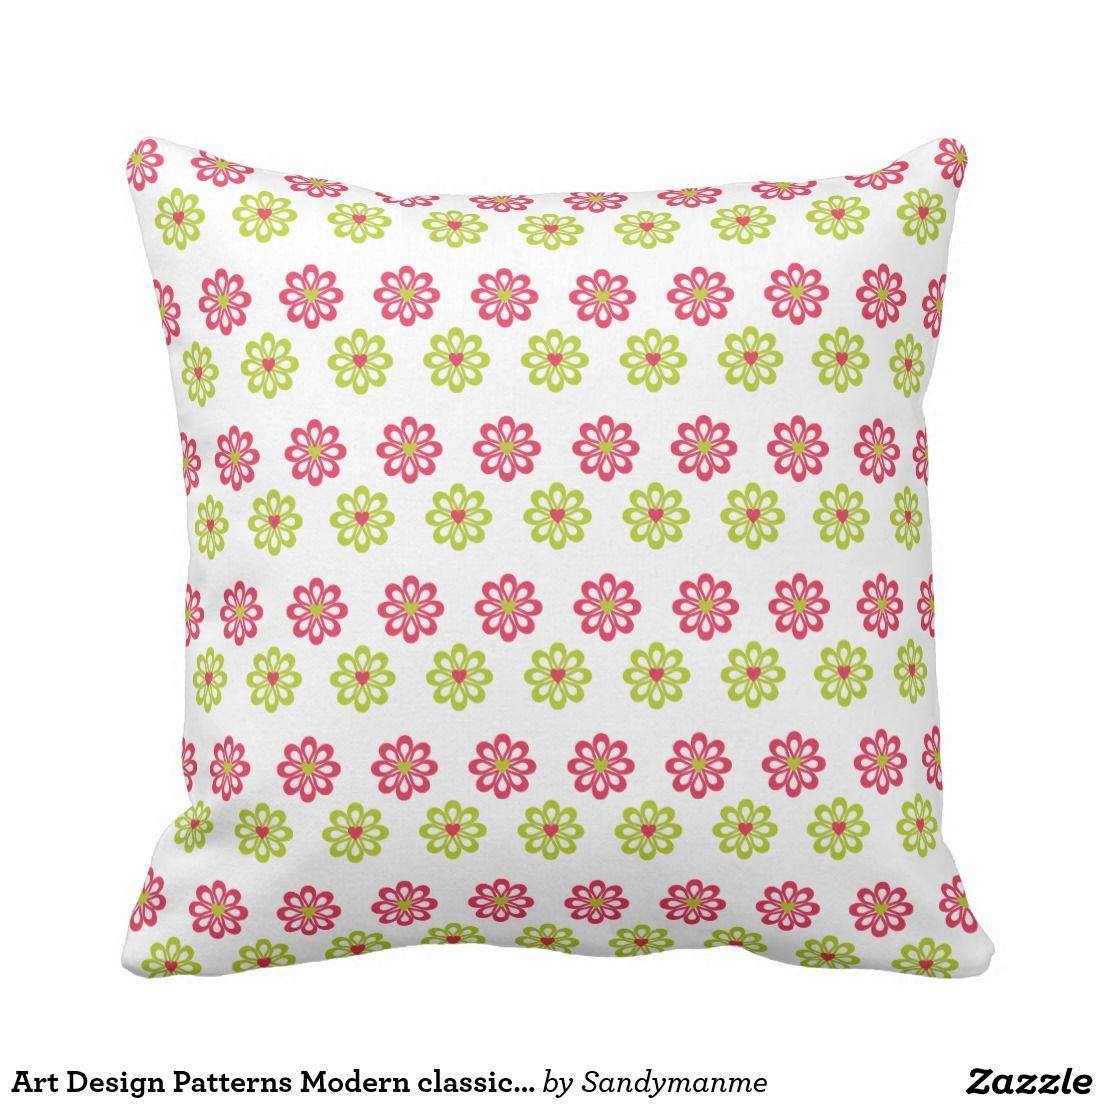 Art Design Patterns Modern classic tiles Beautiful Pillow